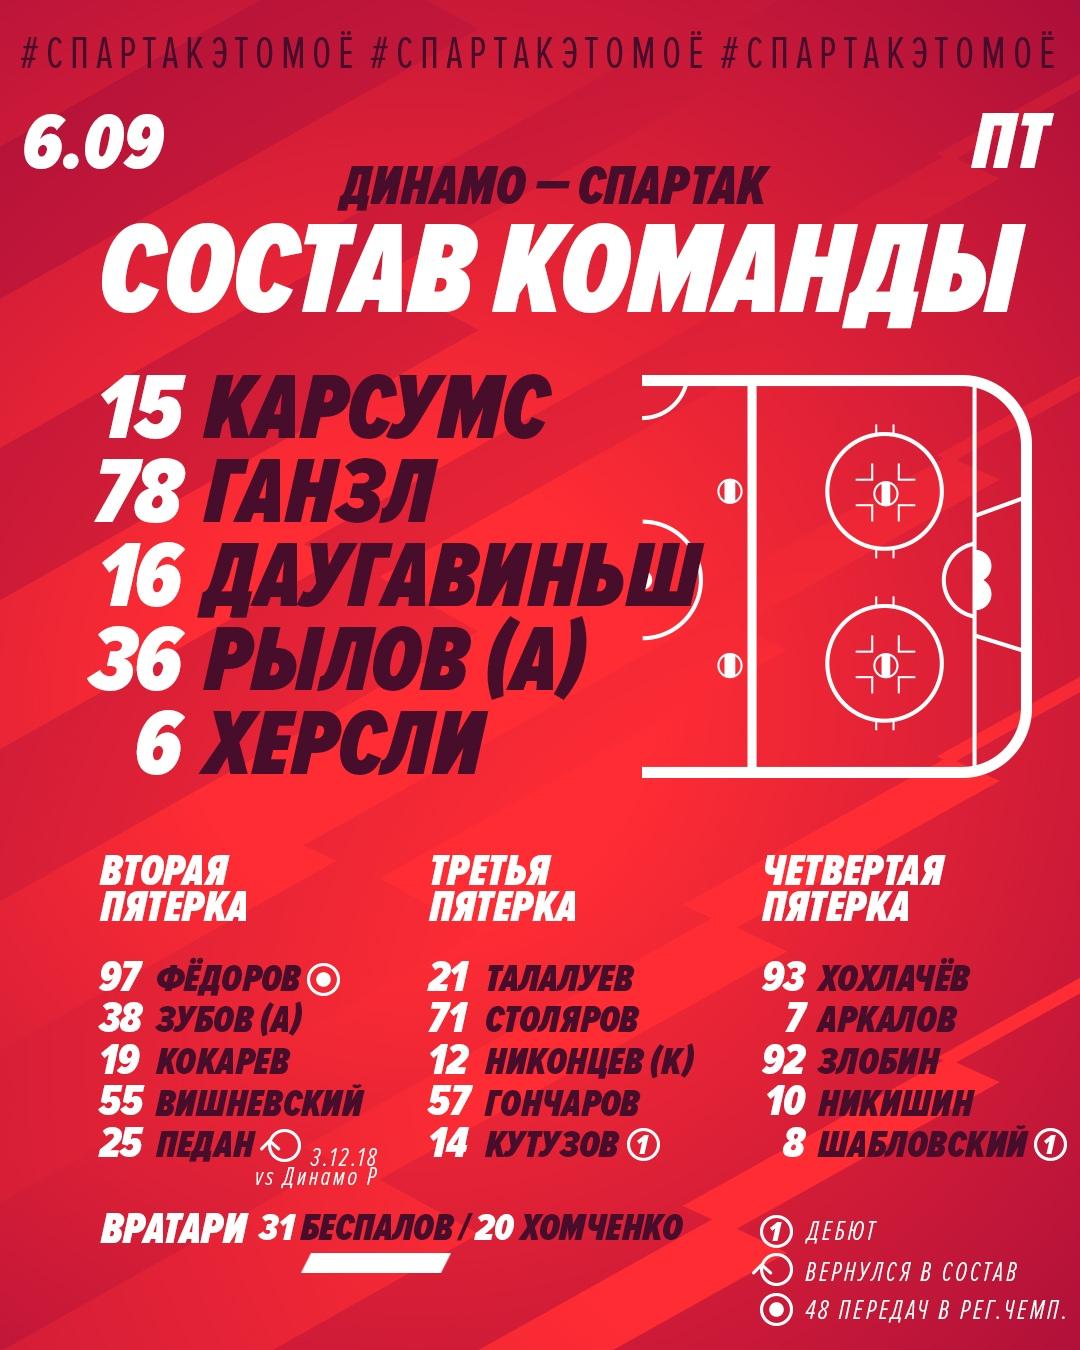 Состав «Спартака» на матч с «Динамо»